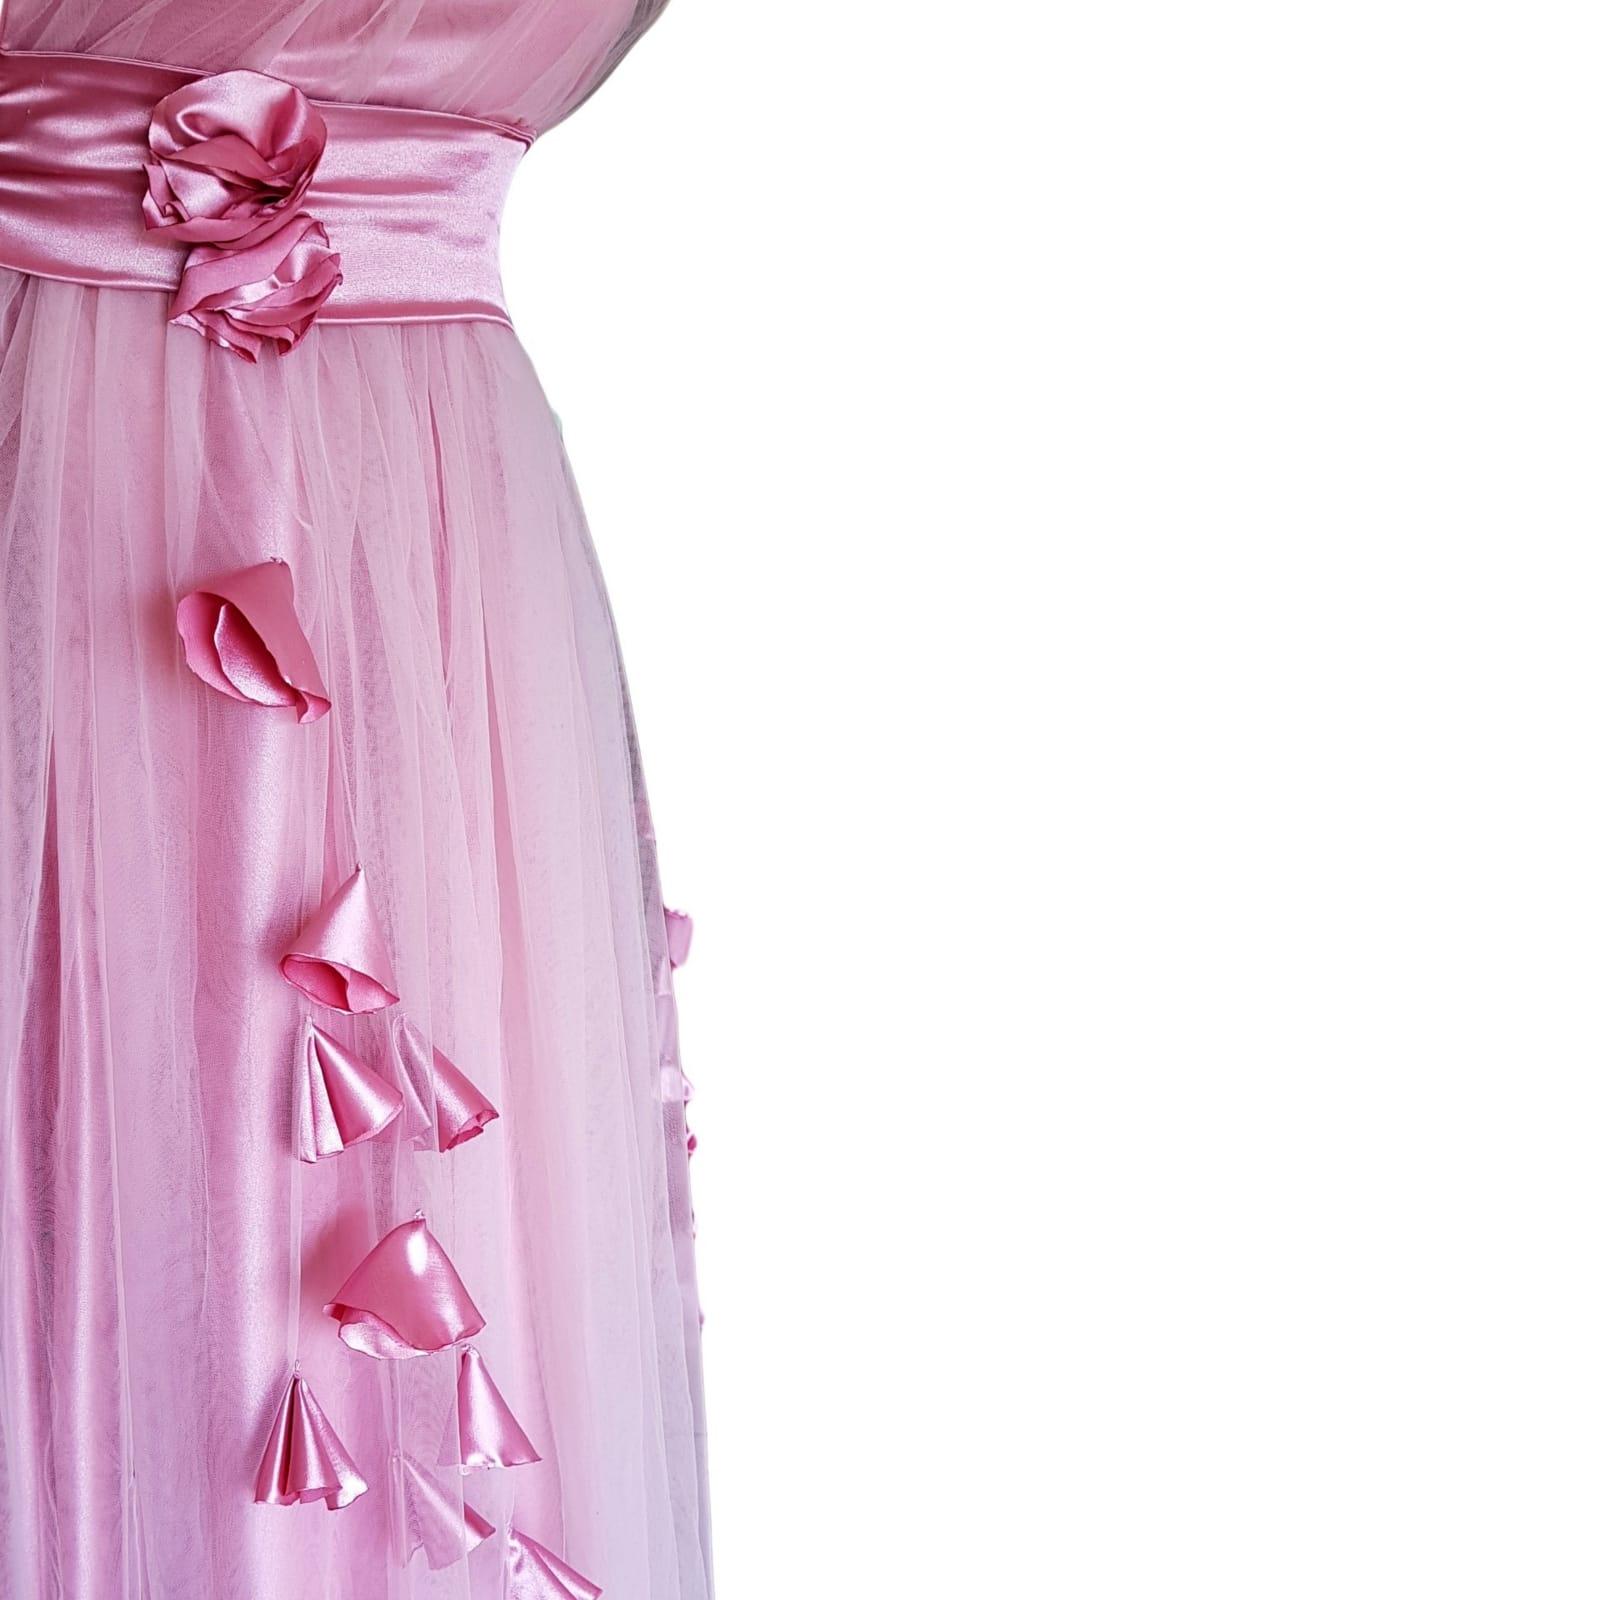 Vestido de dama de honra cor de rosa longo 3 vestido de dama de honra longo, cor rosa de tule com um unico ombro , corpete reunido, cinto de cetim , detalhado com rosas e pétalas.